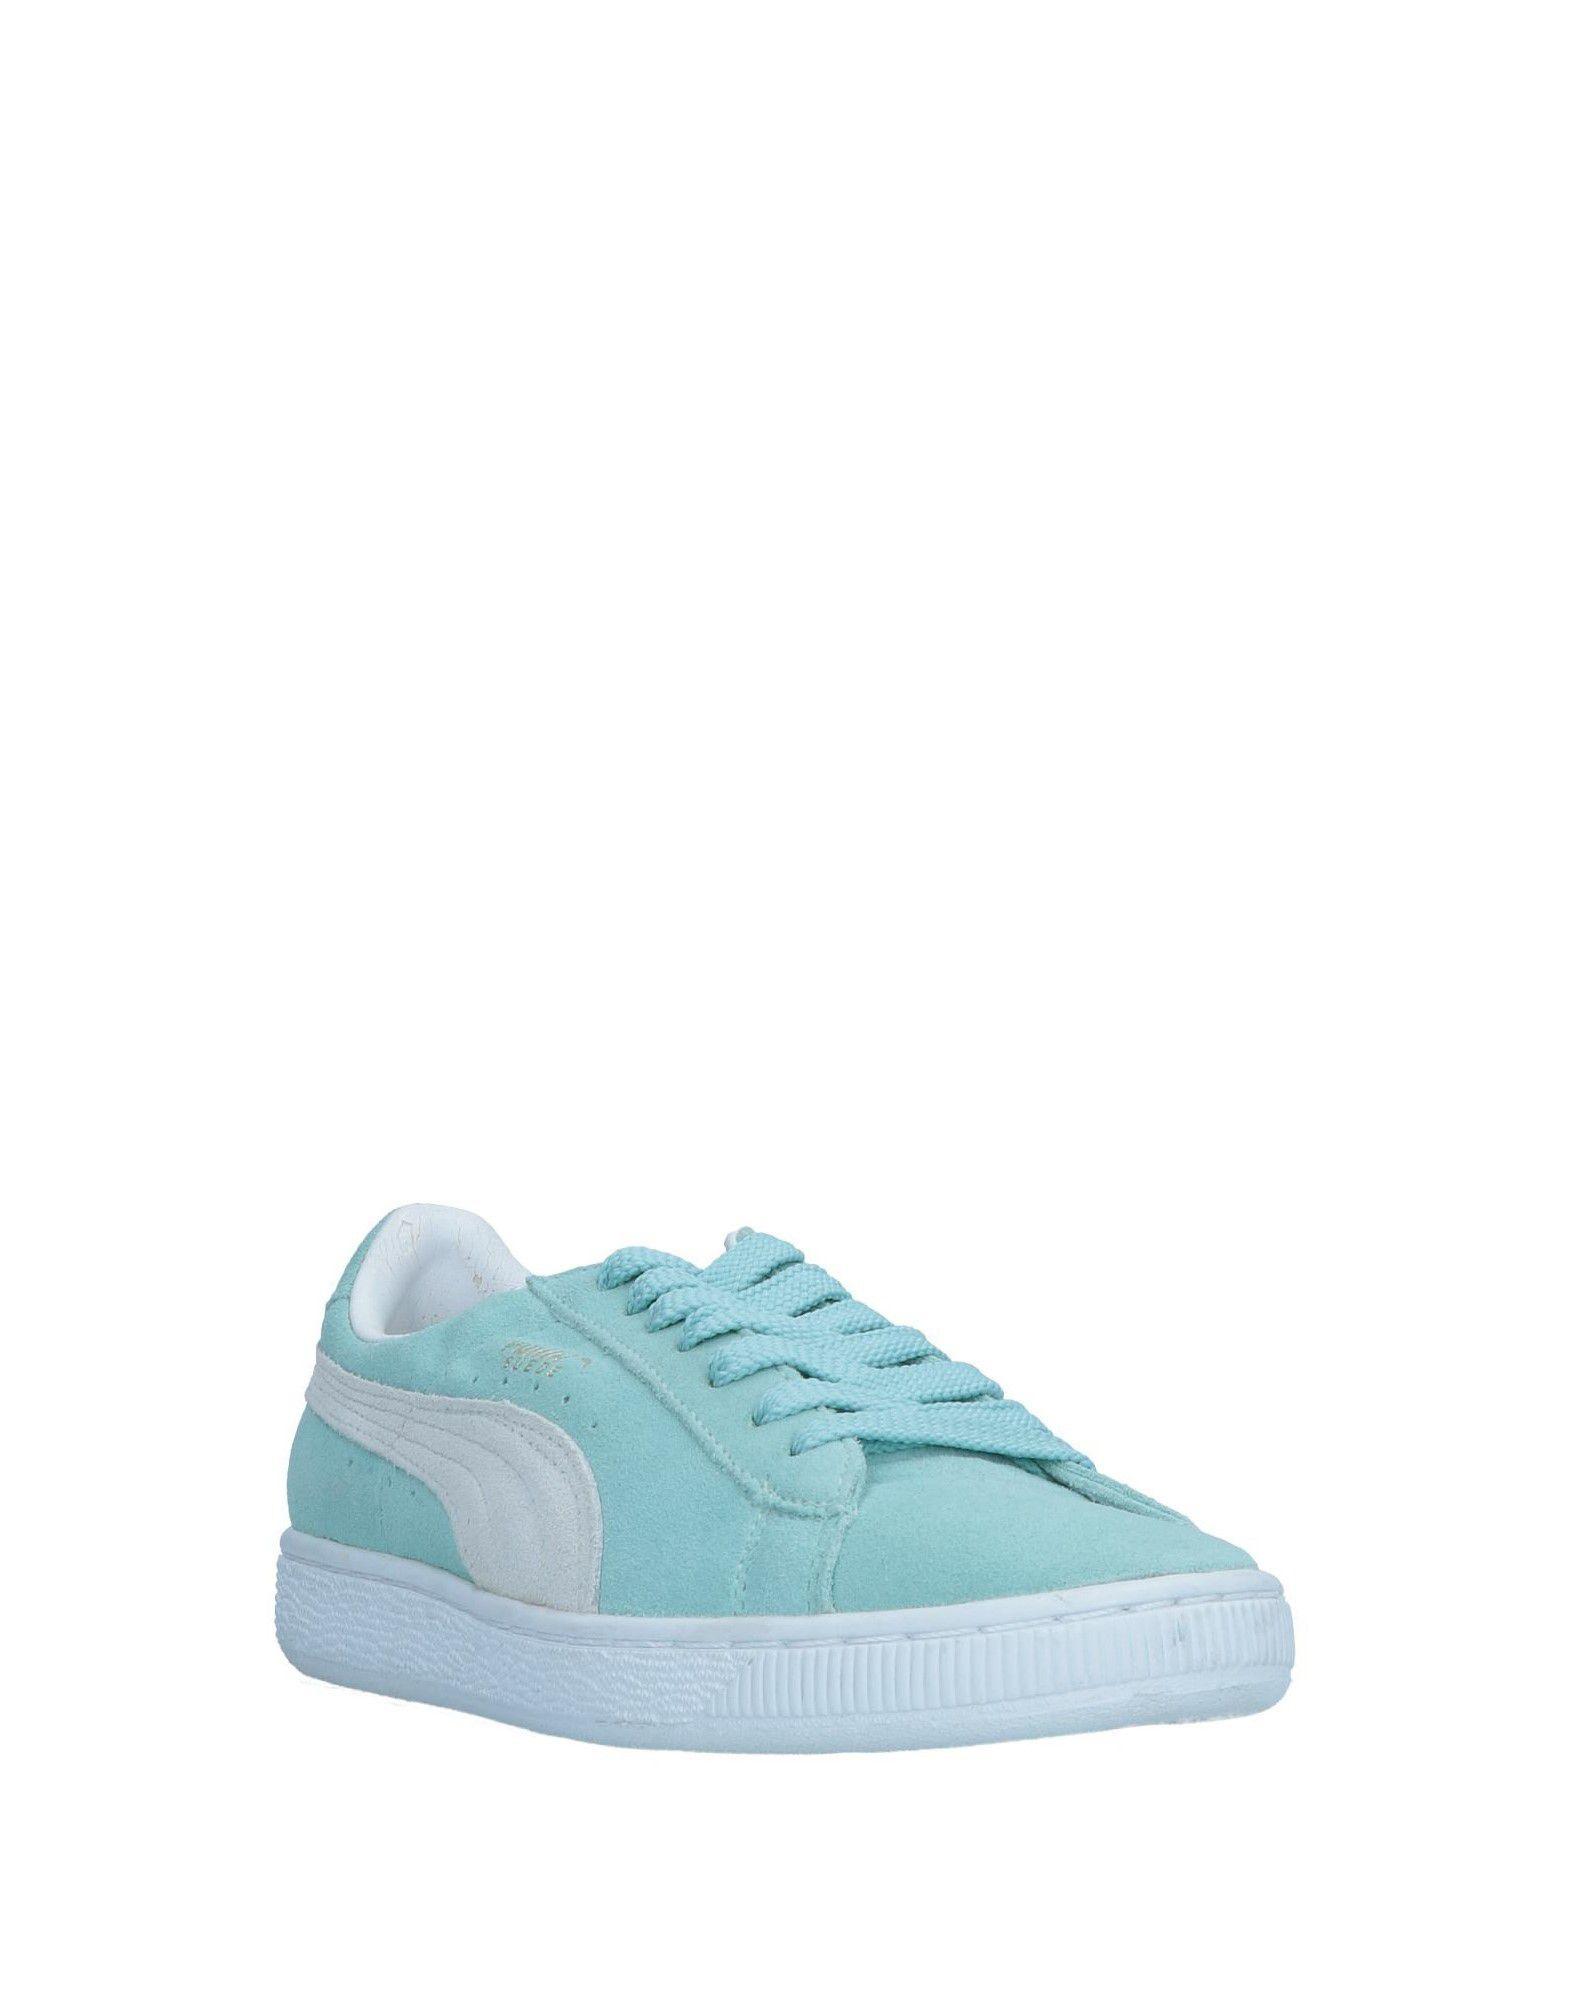 Puma Sneakers Gute Damen  11546058HR Gute Sneakers Qualität beliebte Schuhe 1f86e4